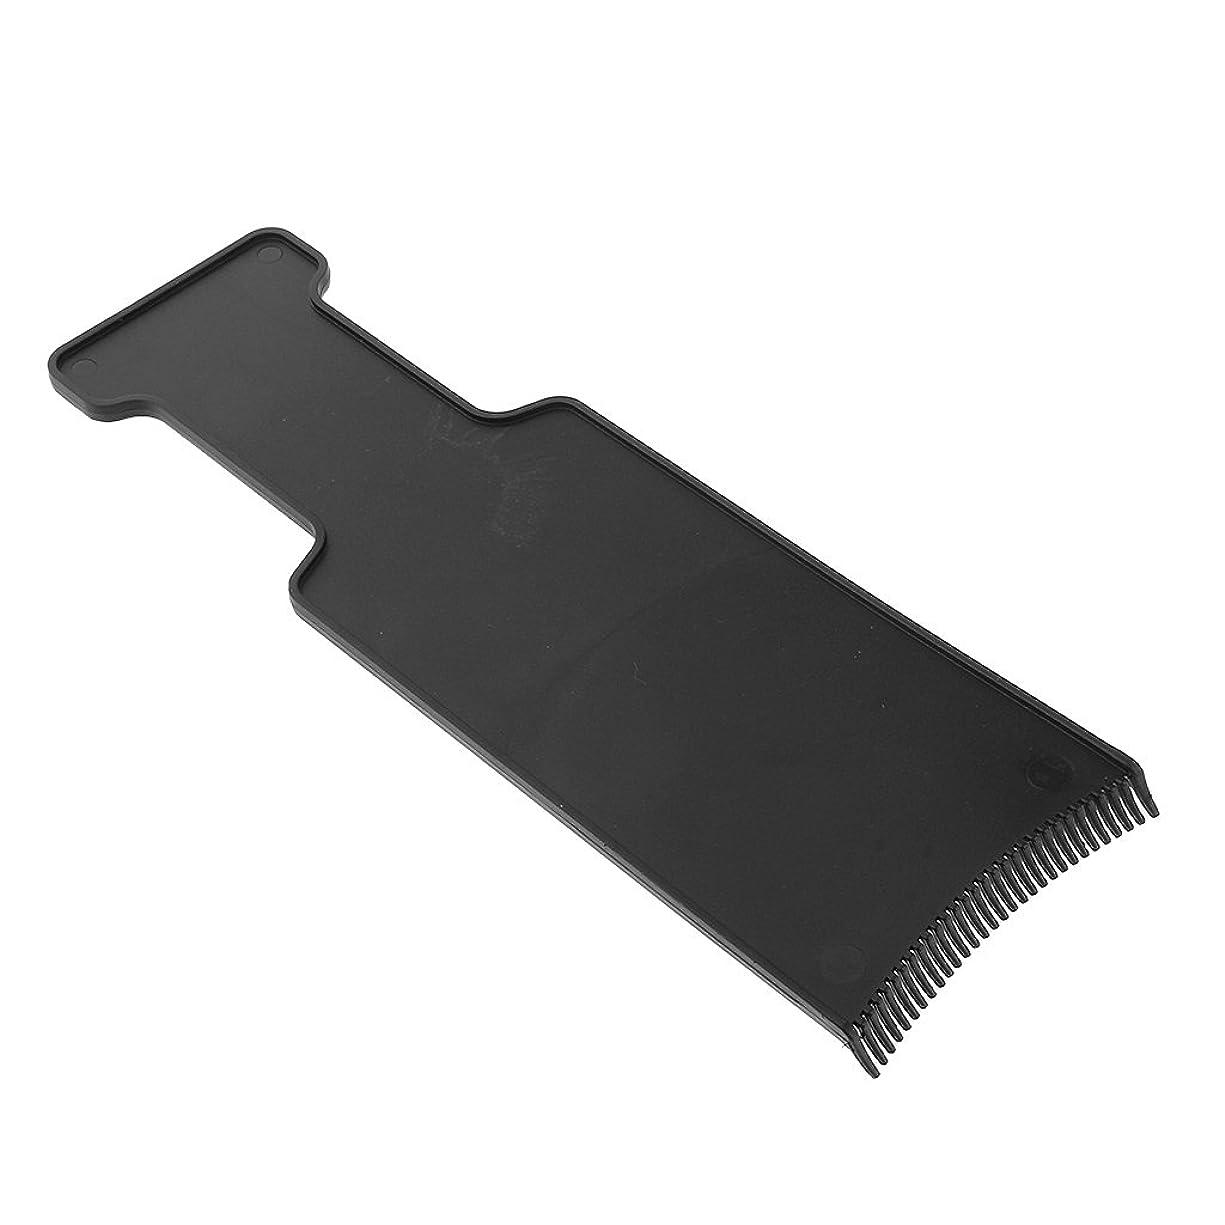 ワードローブ組み合わせ表面Kesoto サロン ヘアカラー ボード ヘアカラーティント 美容 ヘア ツール 髪 保護 ブラック 全4サイズ - M